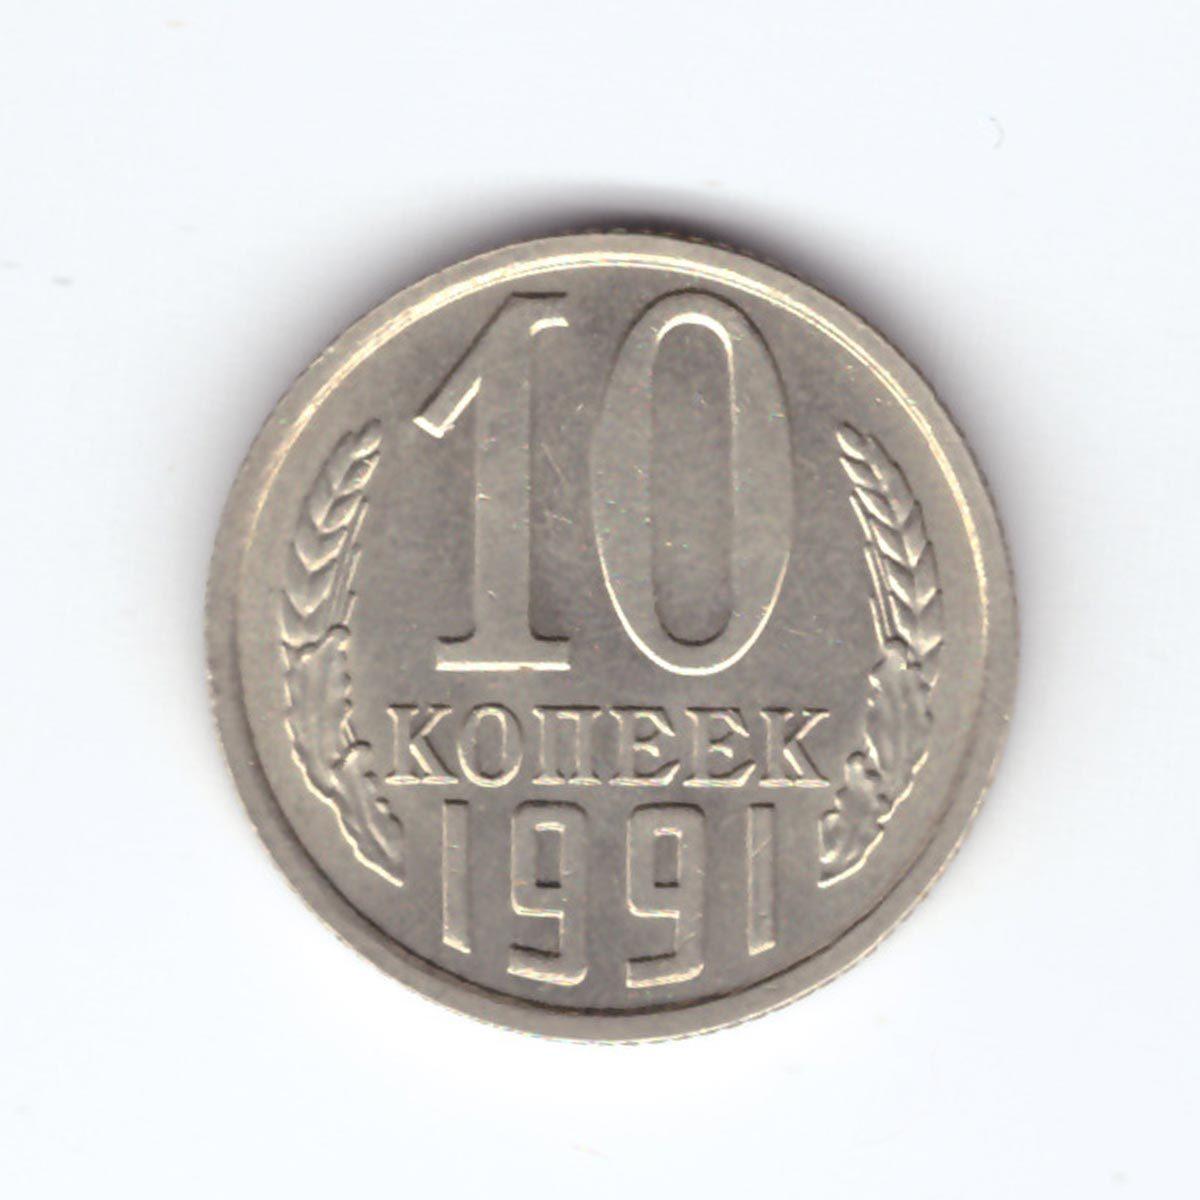 10 копеек 1991 года. Без обозначения монетного двора.